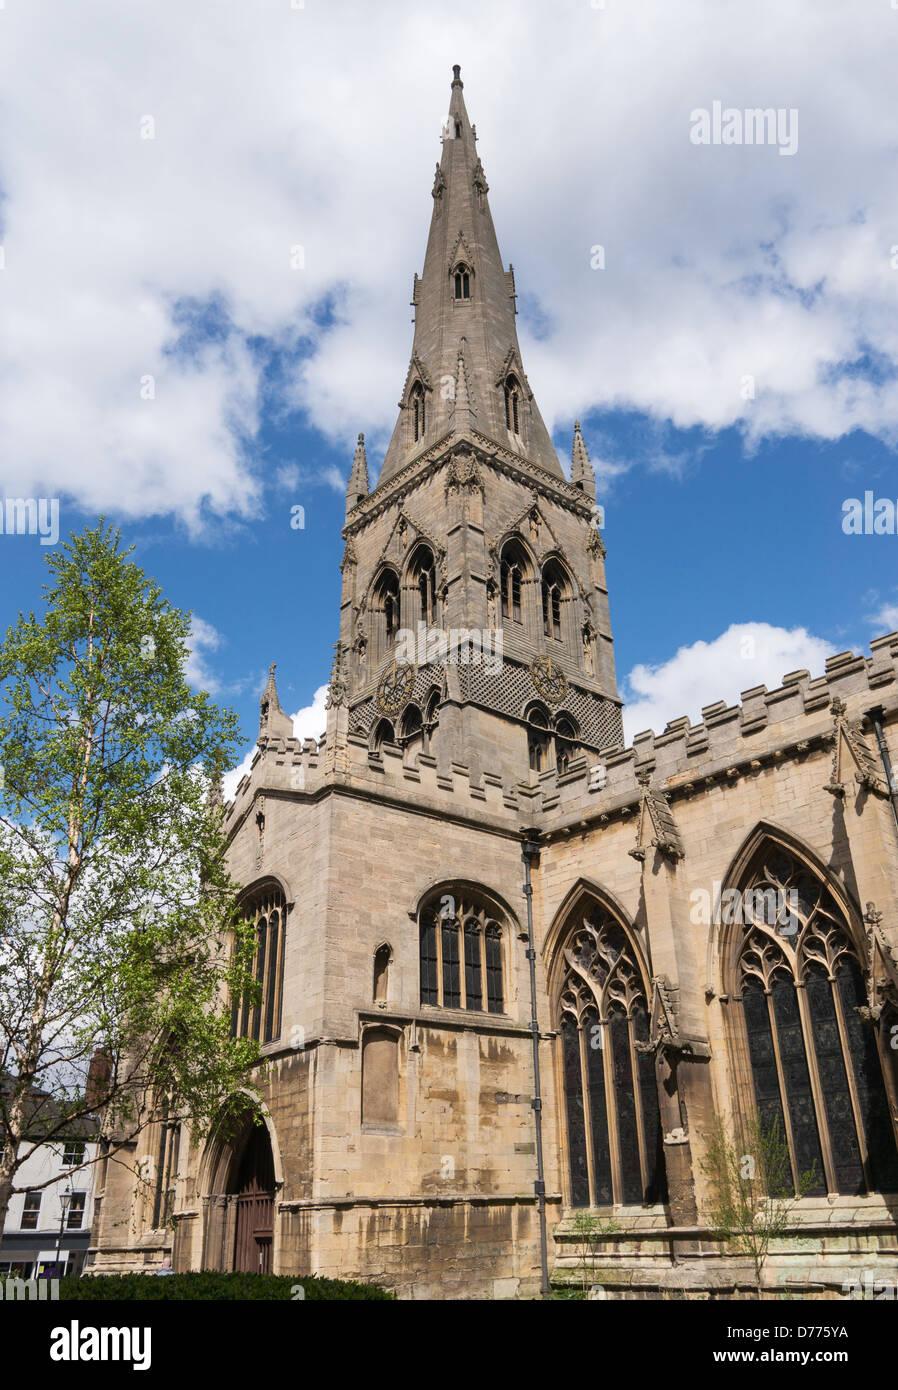 Newark Parish Church of St Mary Magdelene England UK - Stock Image